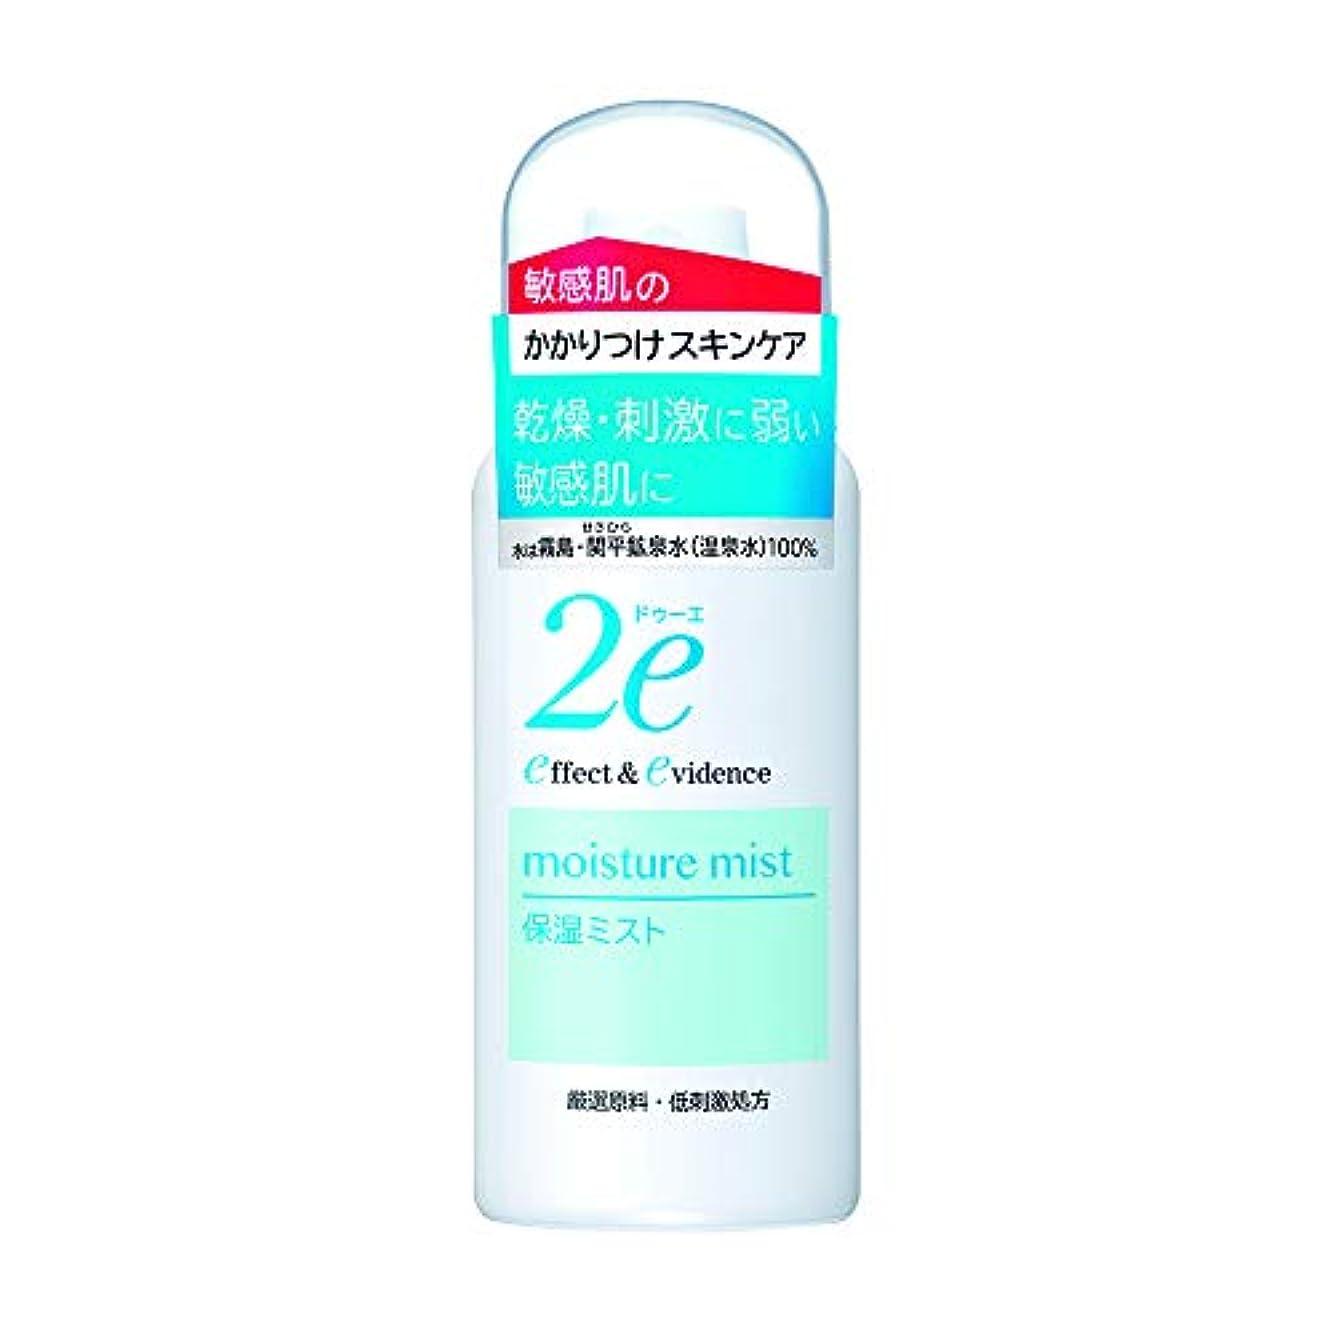 メンター闇慎重2e(ドゥーエ) ドゥーエ 保湿ミスト(携帯) 化粧水 50g